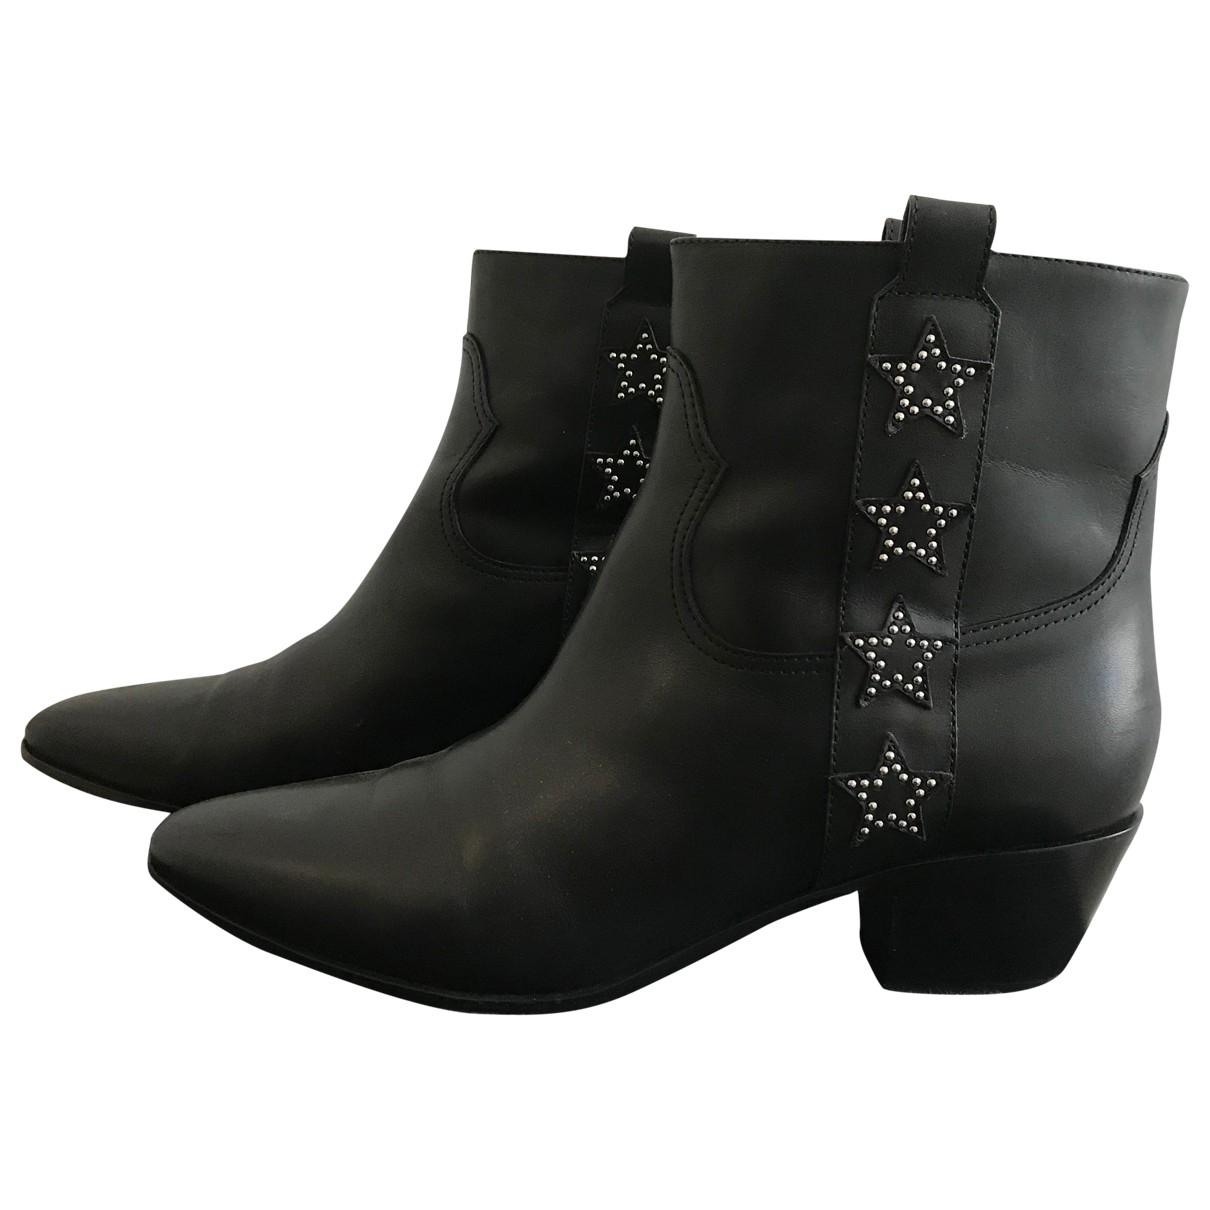 Saint Laurent West Chelsea Black Leather Ankle boots for Women 39.5 EU